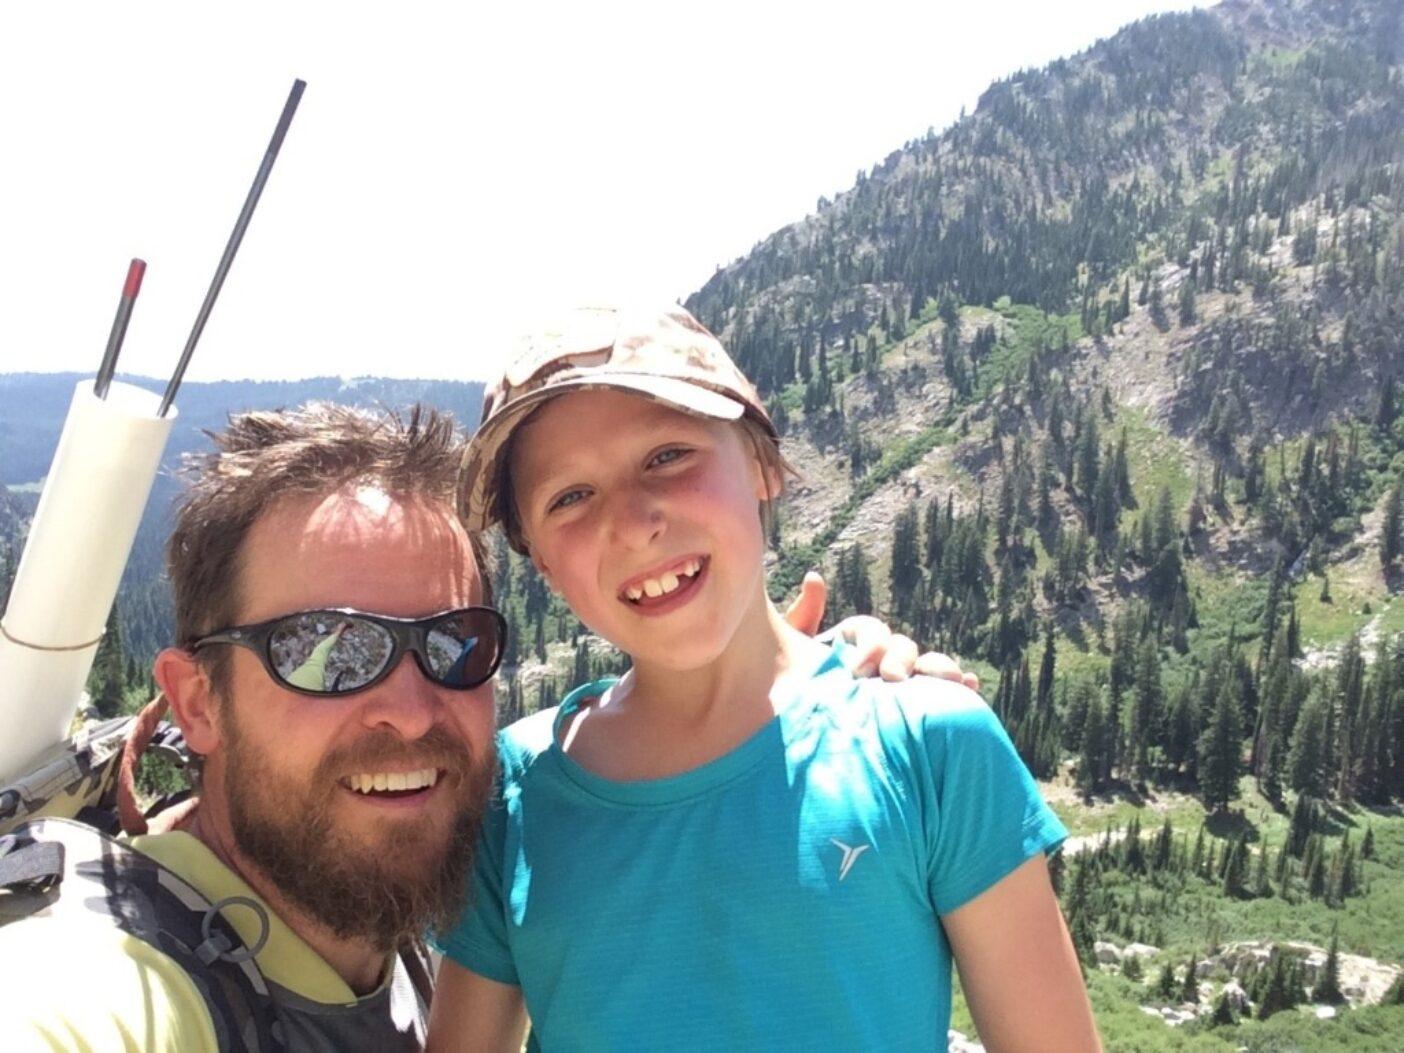 オレゴン州ワラウア山脈での親子フライフィッシングの道中、著者と娘は笑顔で自撮り写真に納まる。写真:ジョン・ラリソン